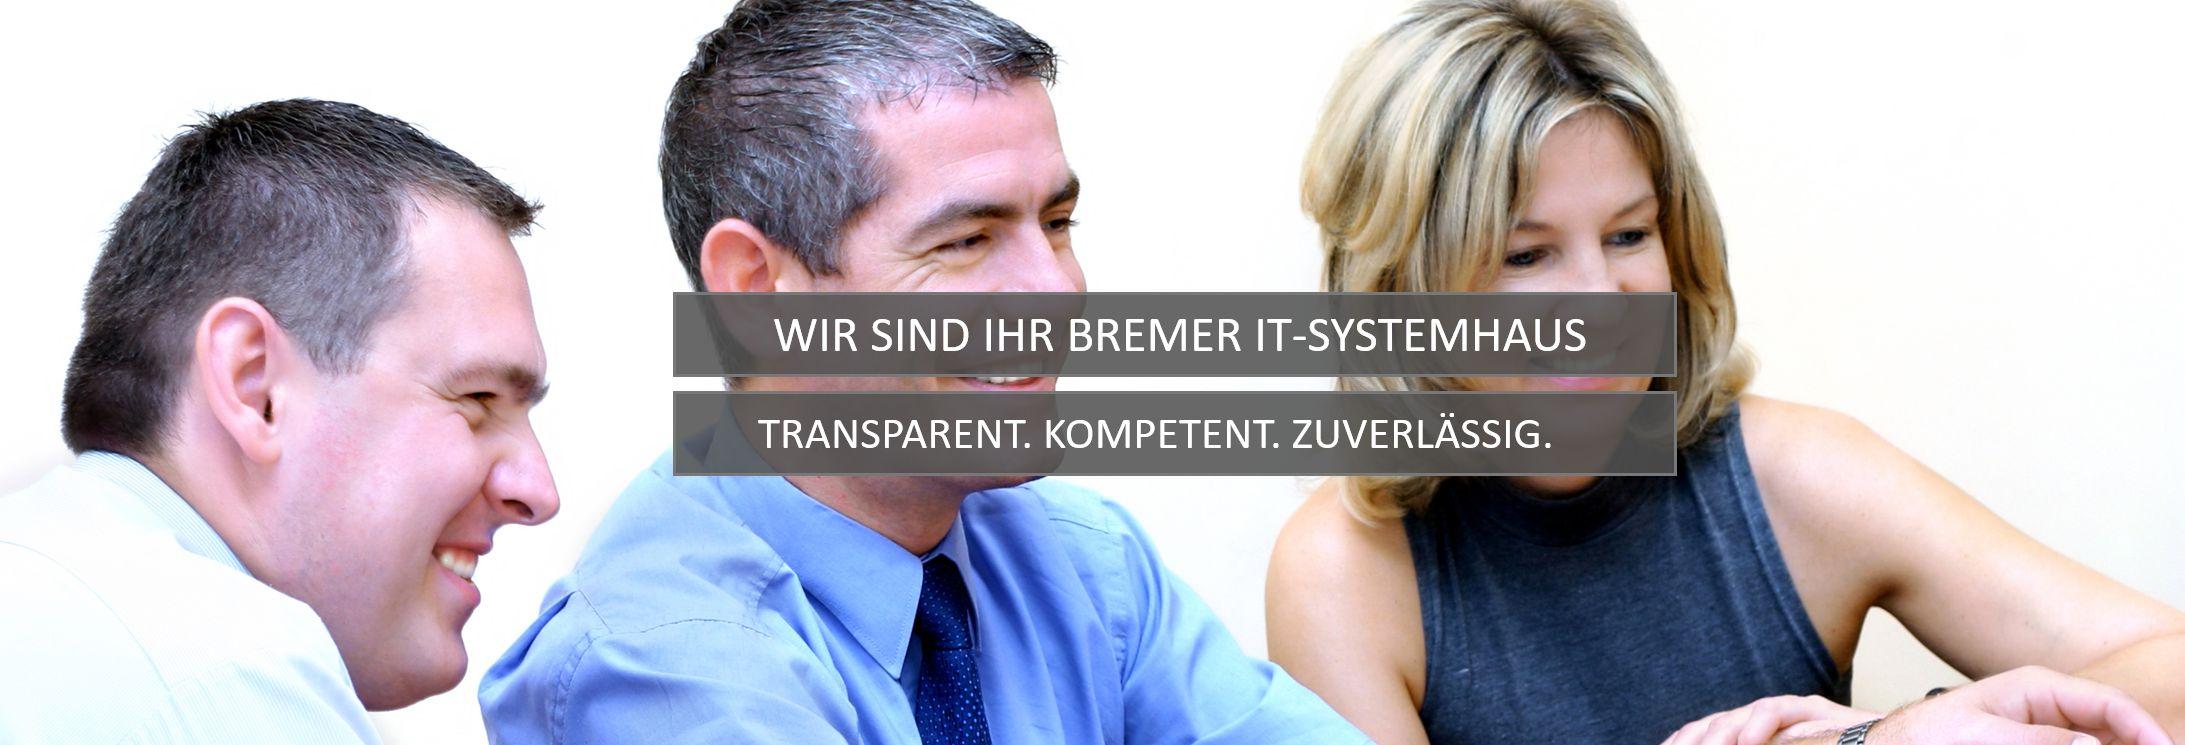 Wir sind ihr Bremer IT-Systemhaus